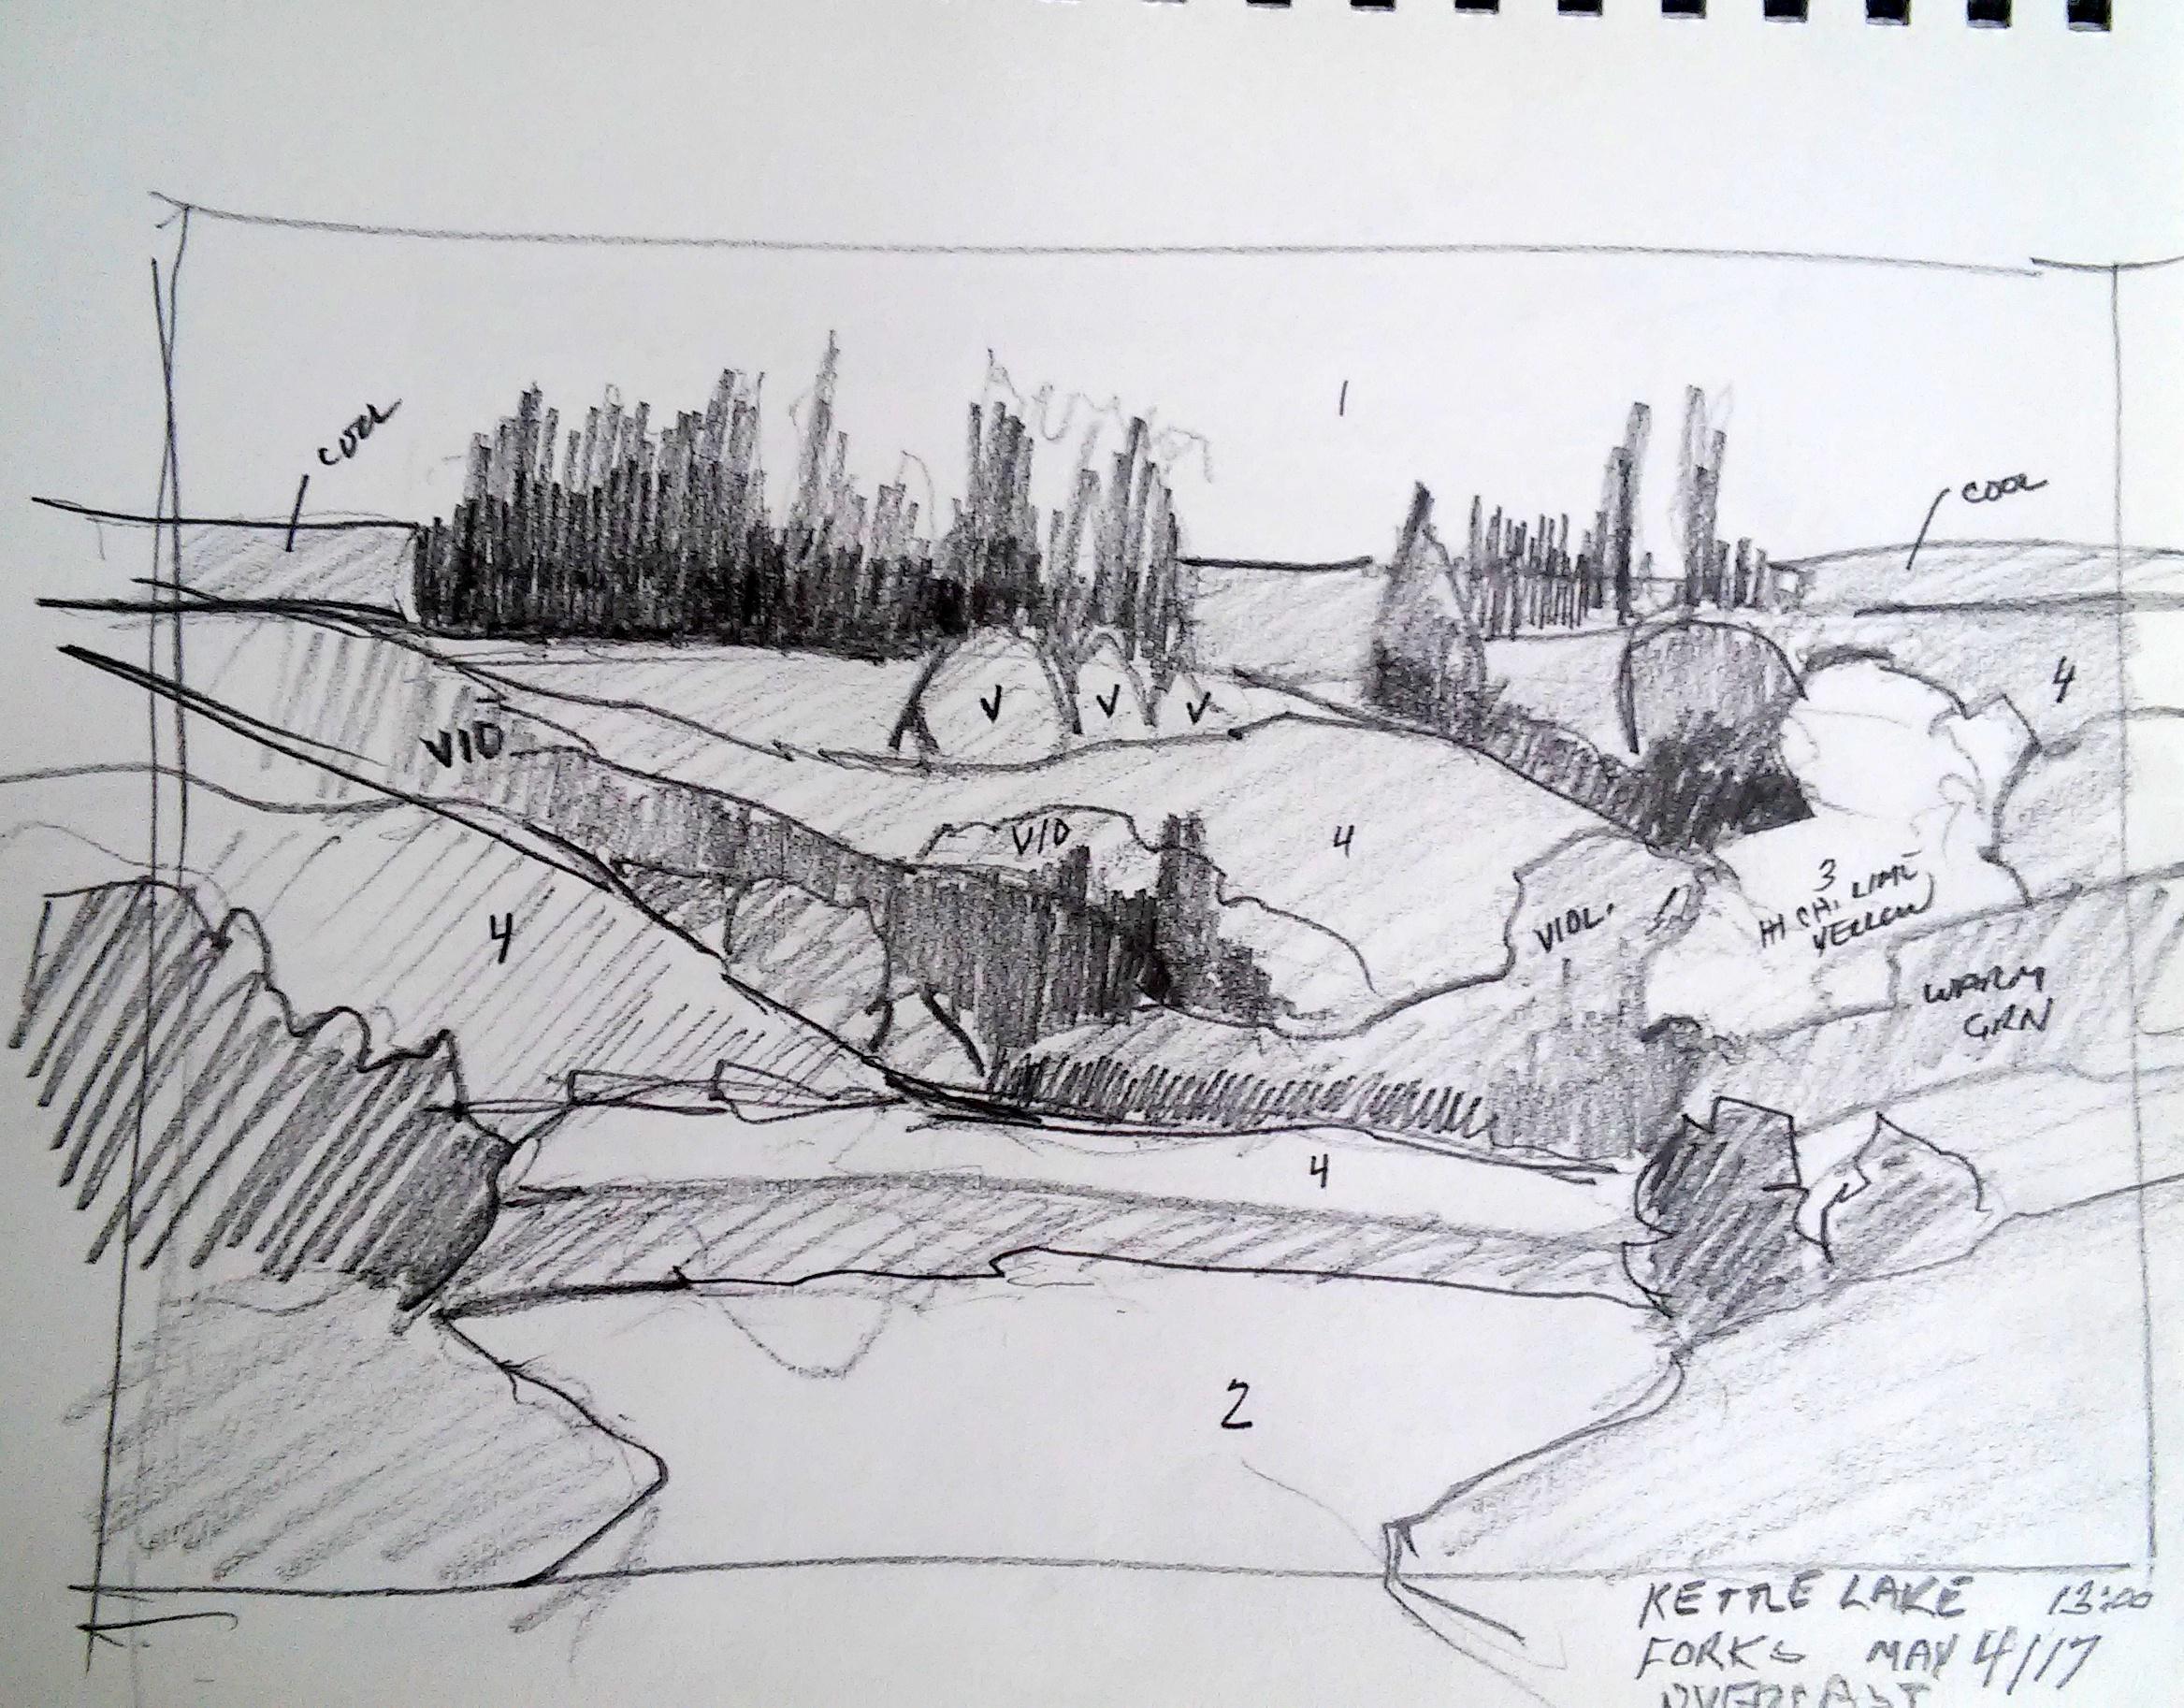 Forks Sketch 2.jpg